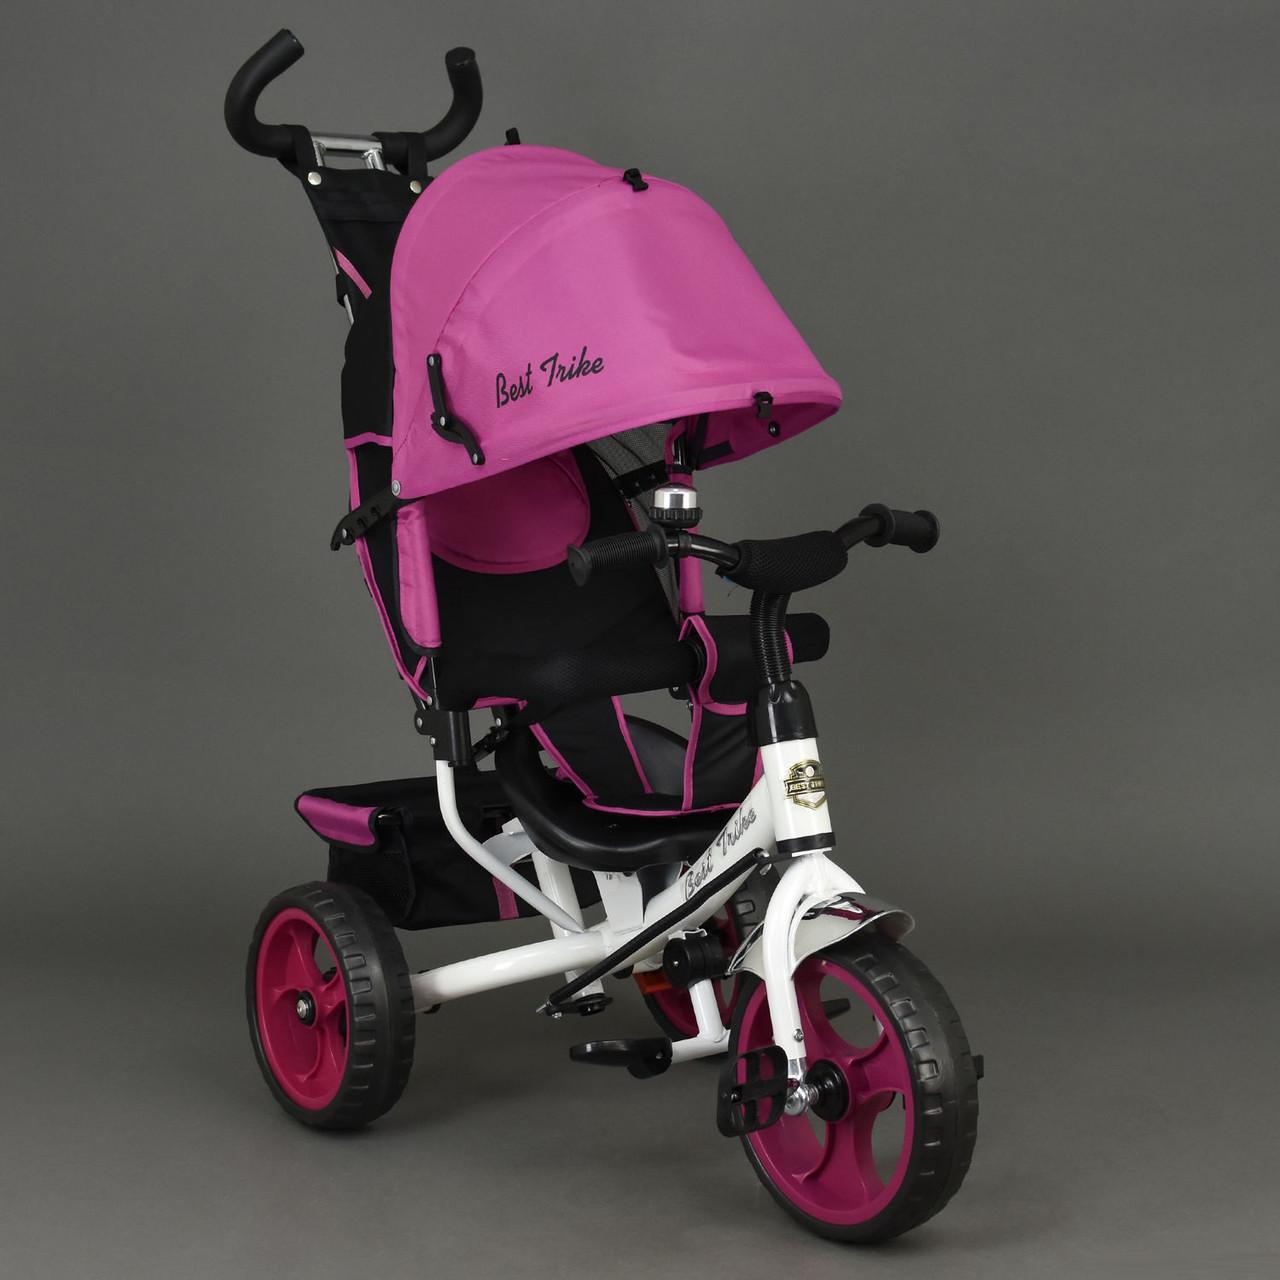 Детский трехколесный велосипед Best Trike 6570 розовый (колеса пена)